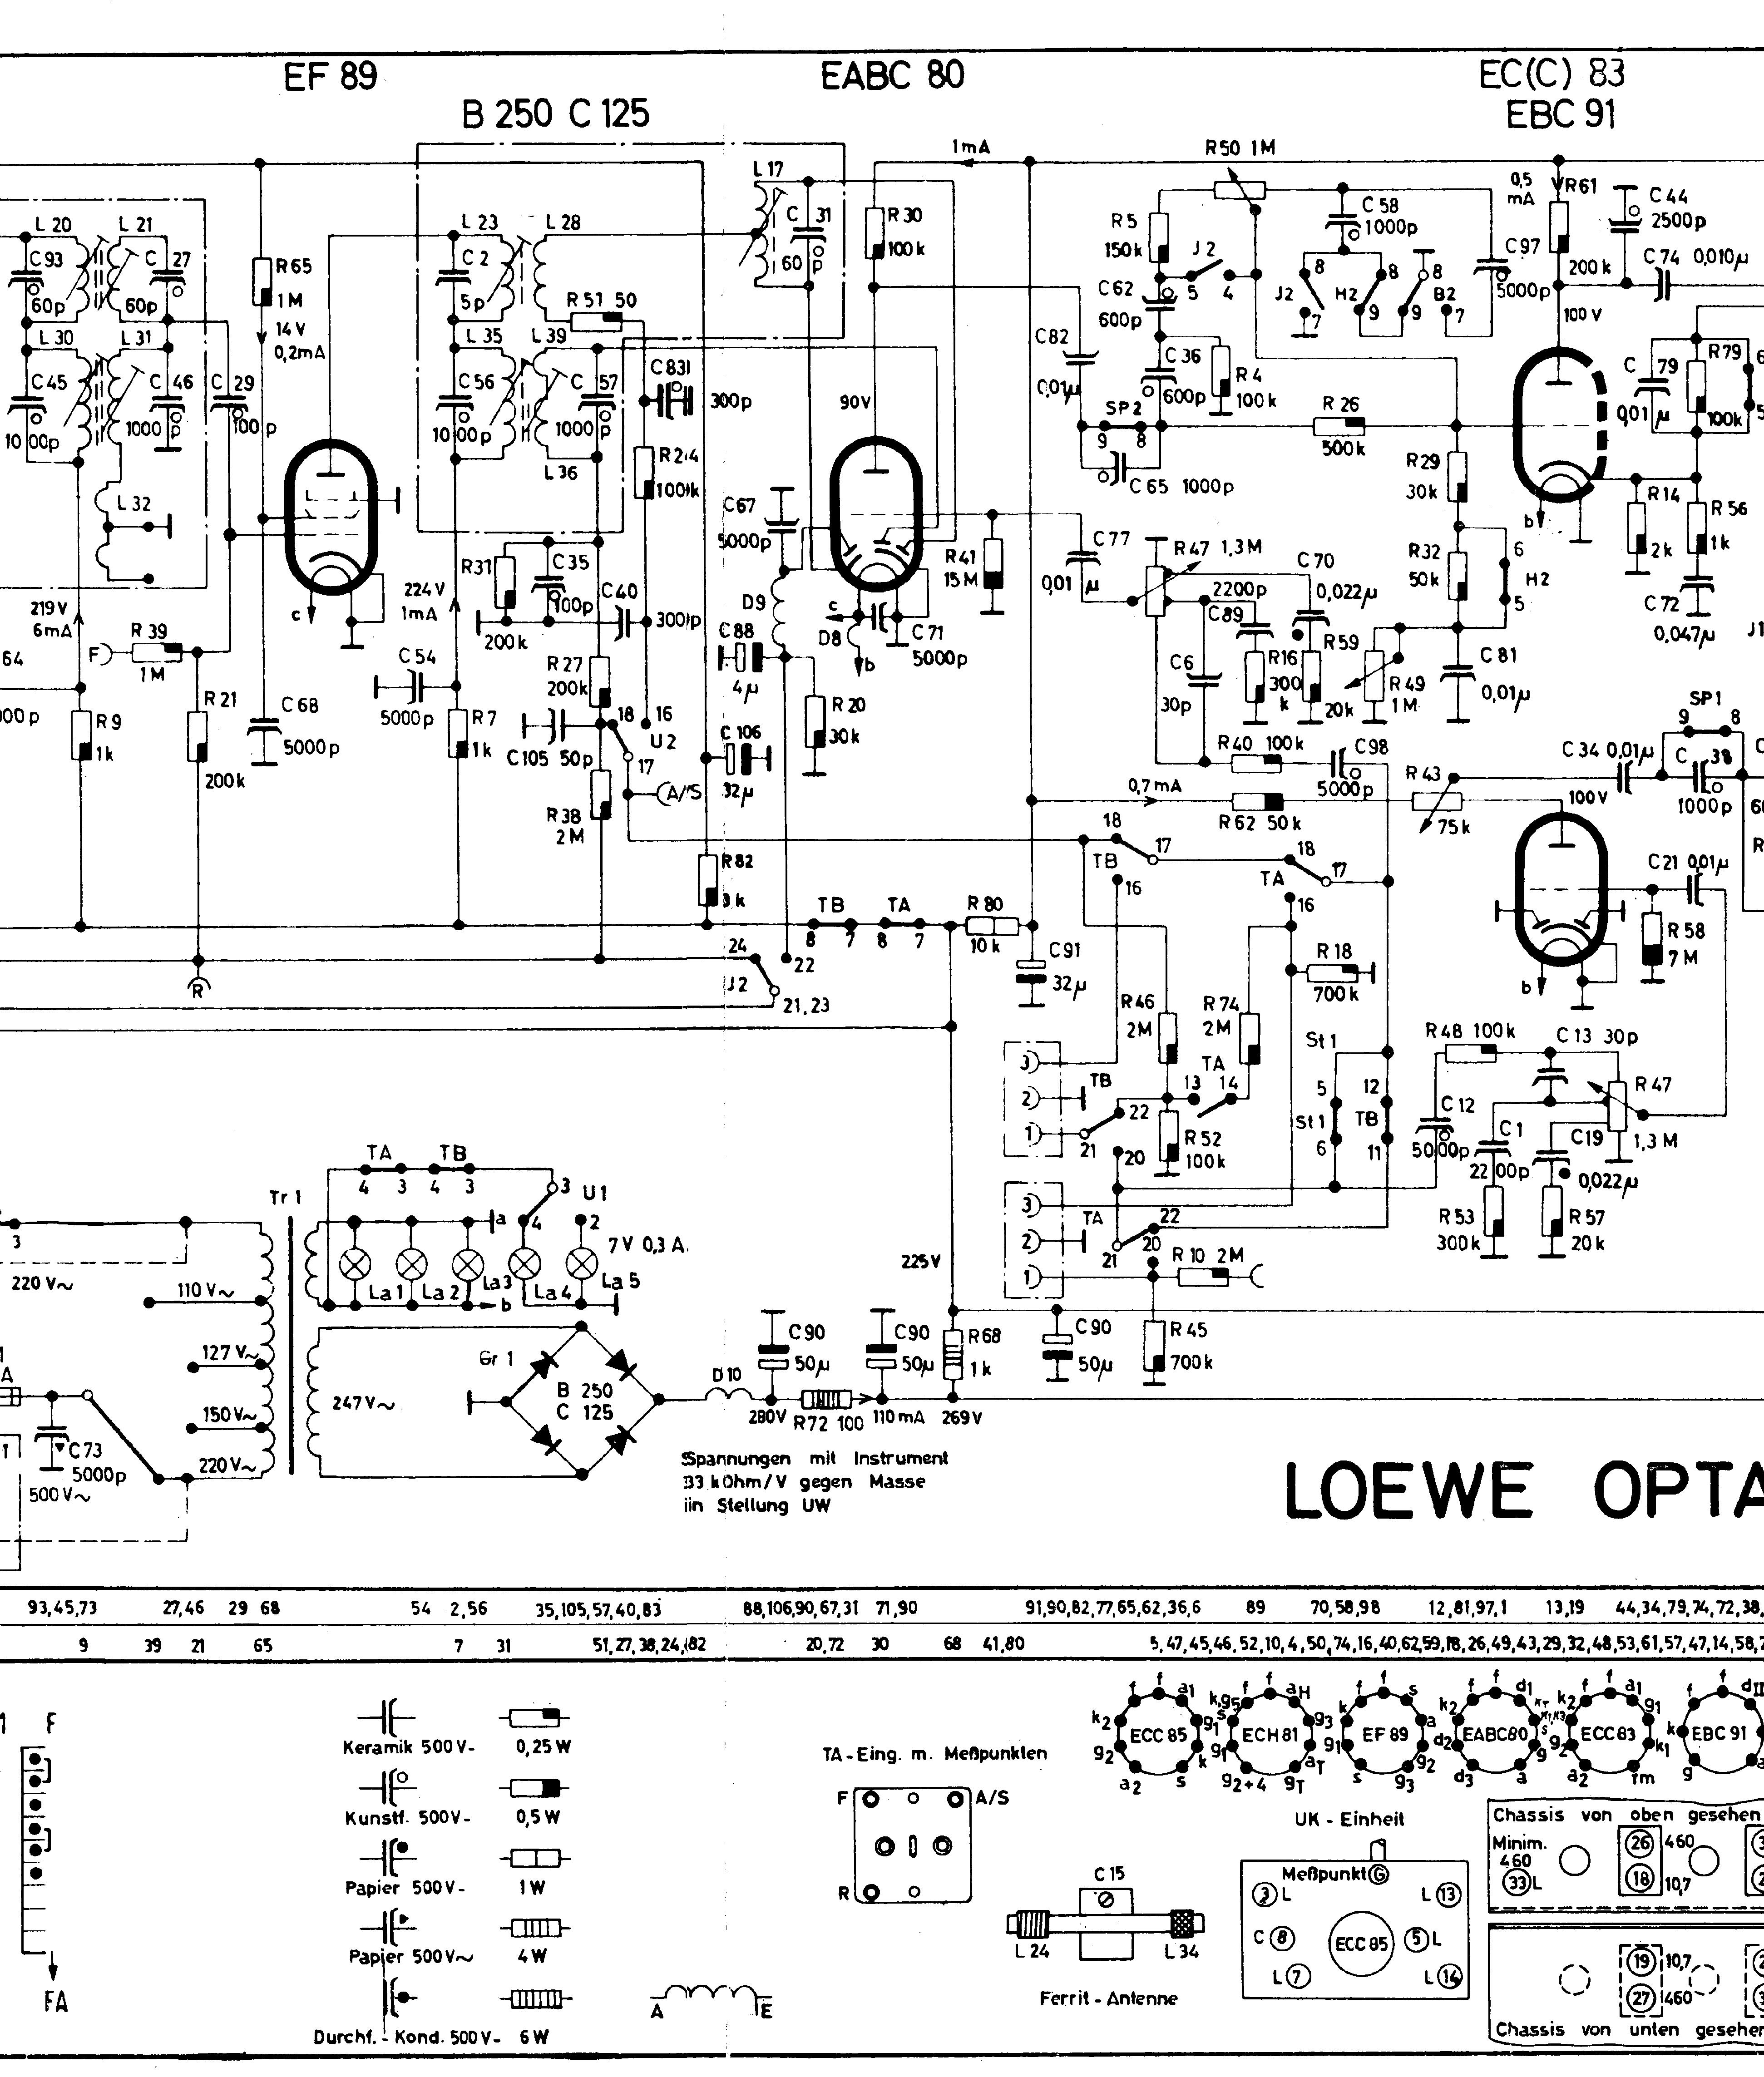 LOEWE OPTA BOTSCHAFTER-STEREO 4000 T SCH Service Manual